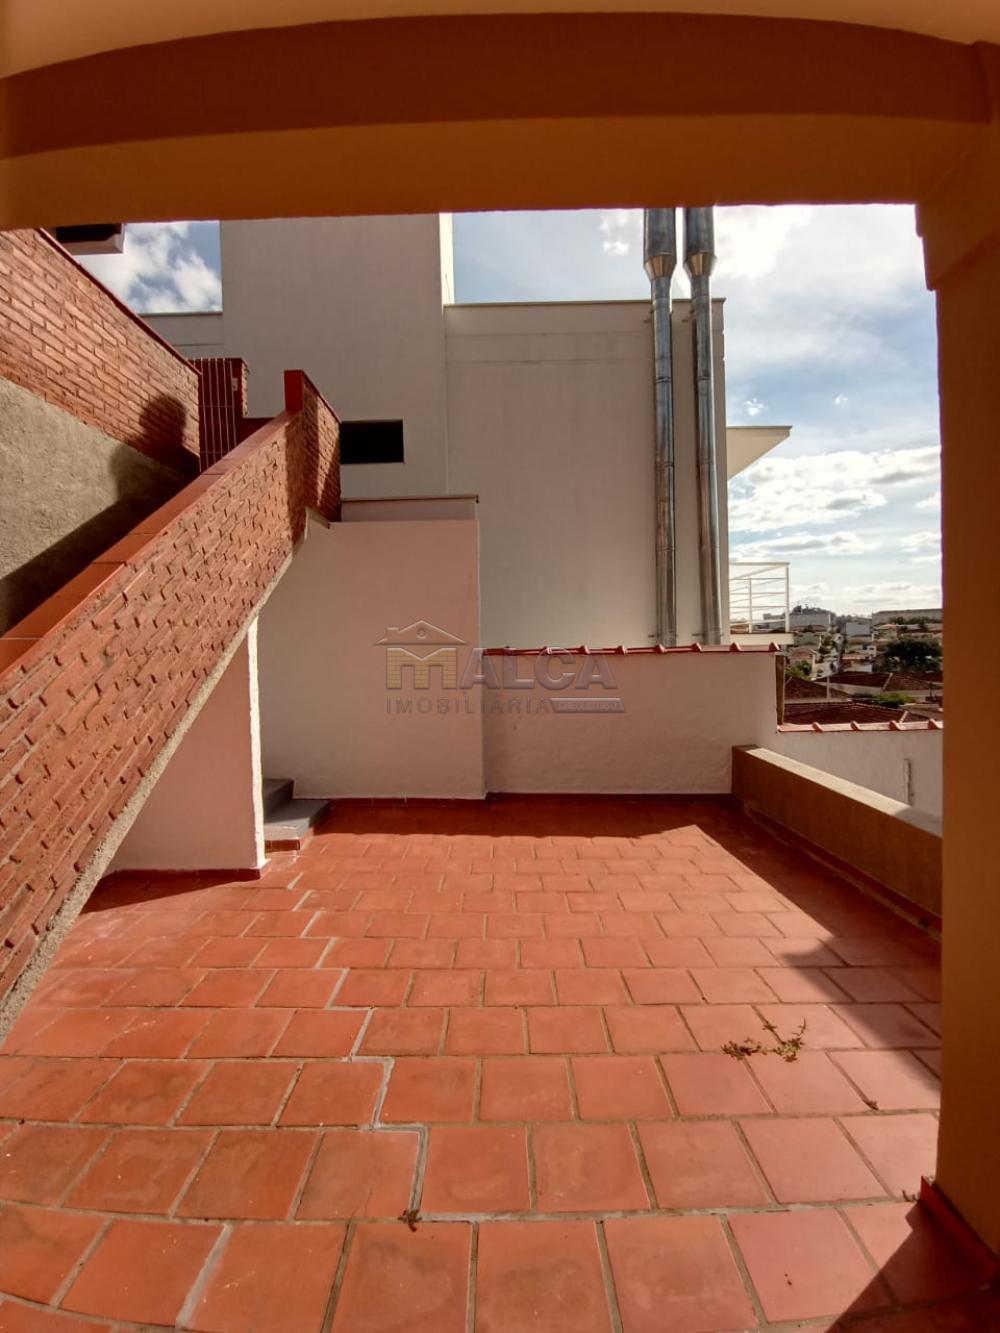 Alugar Casas / Padrão em São José do Rio Pardo apenas R$ 1.500,00 - Foto 29